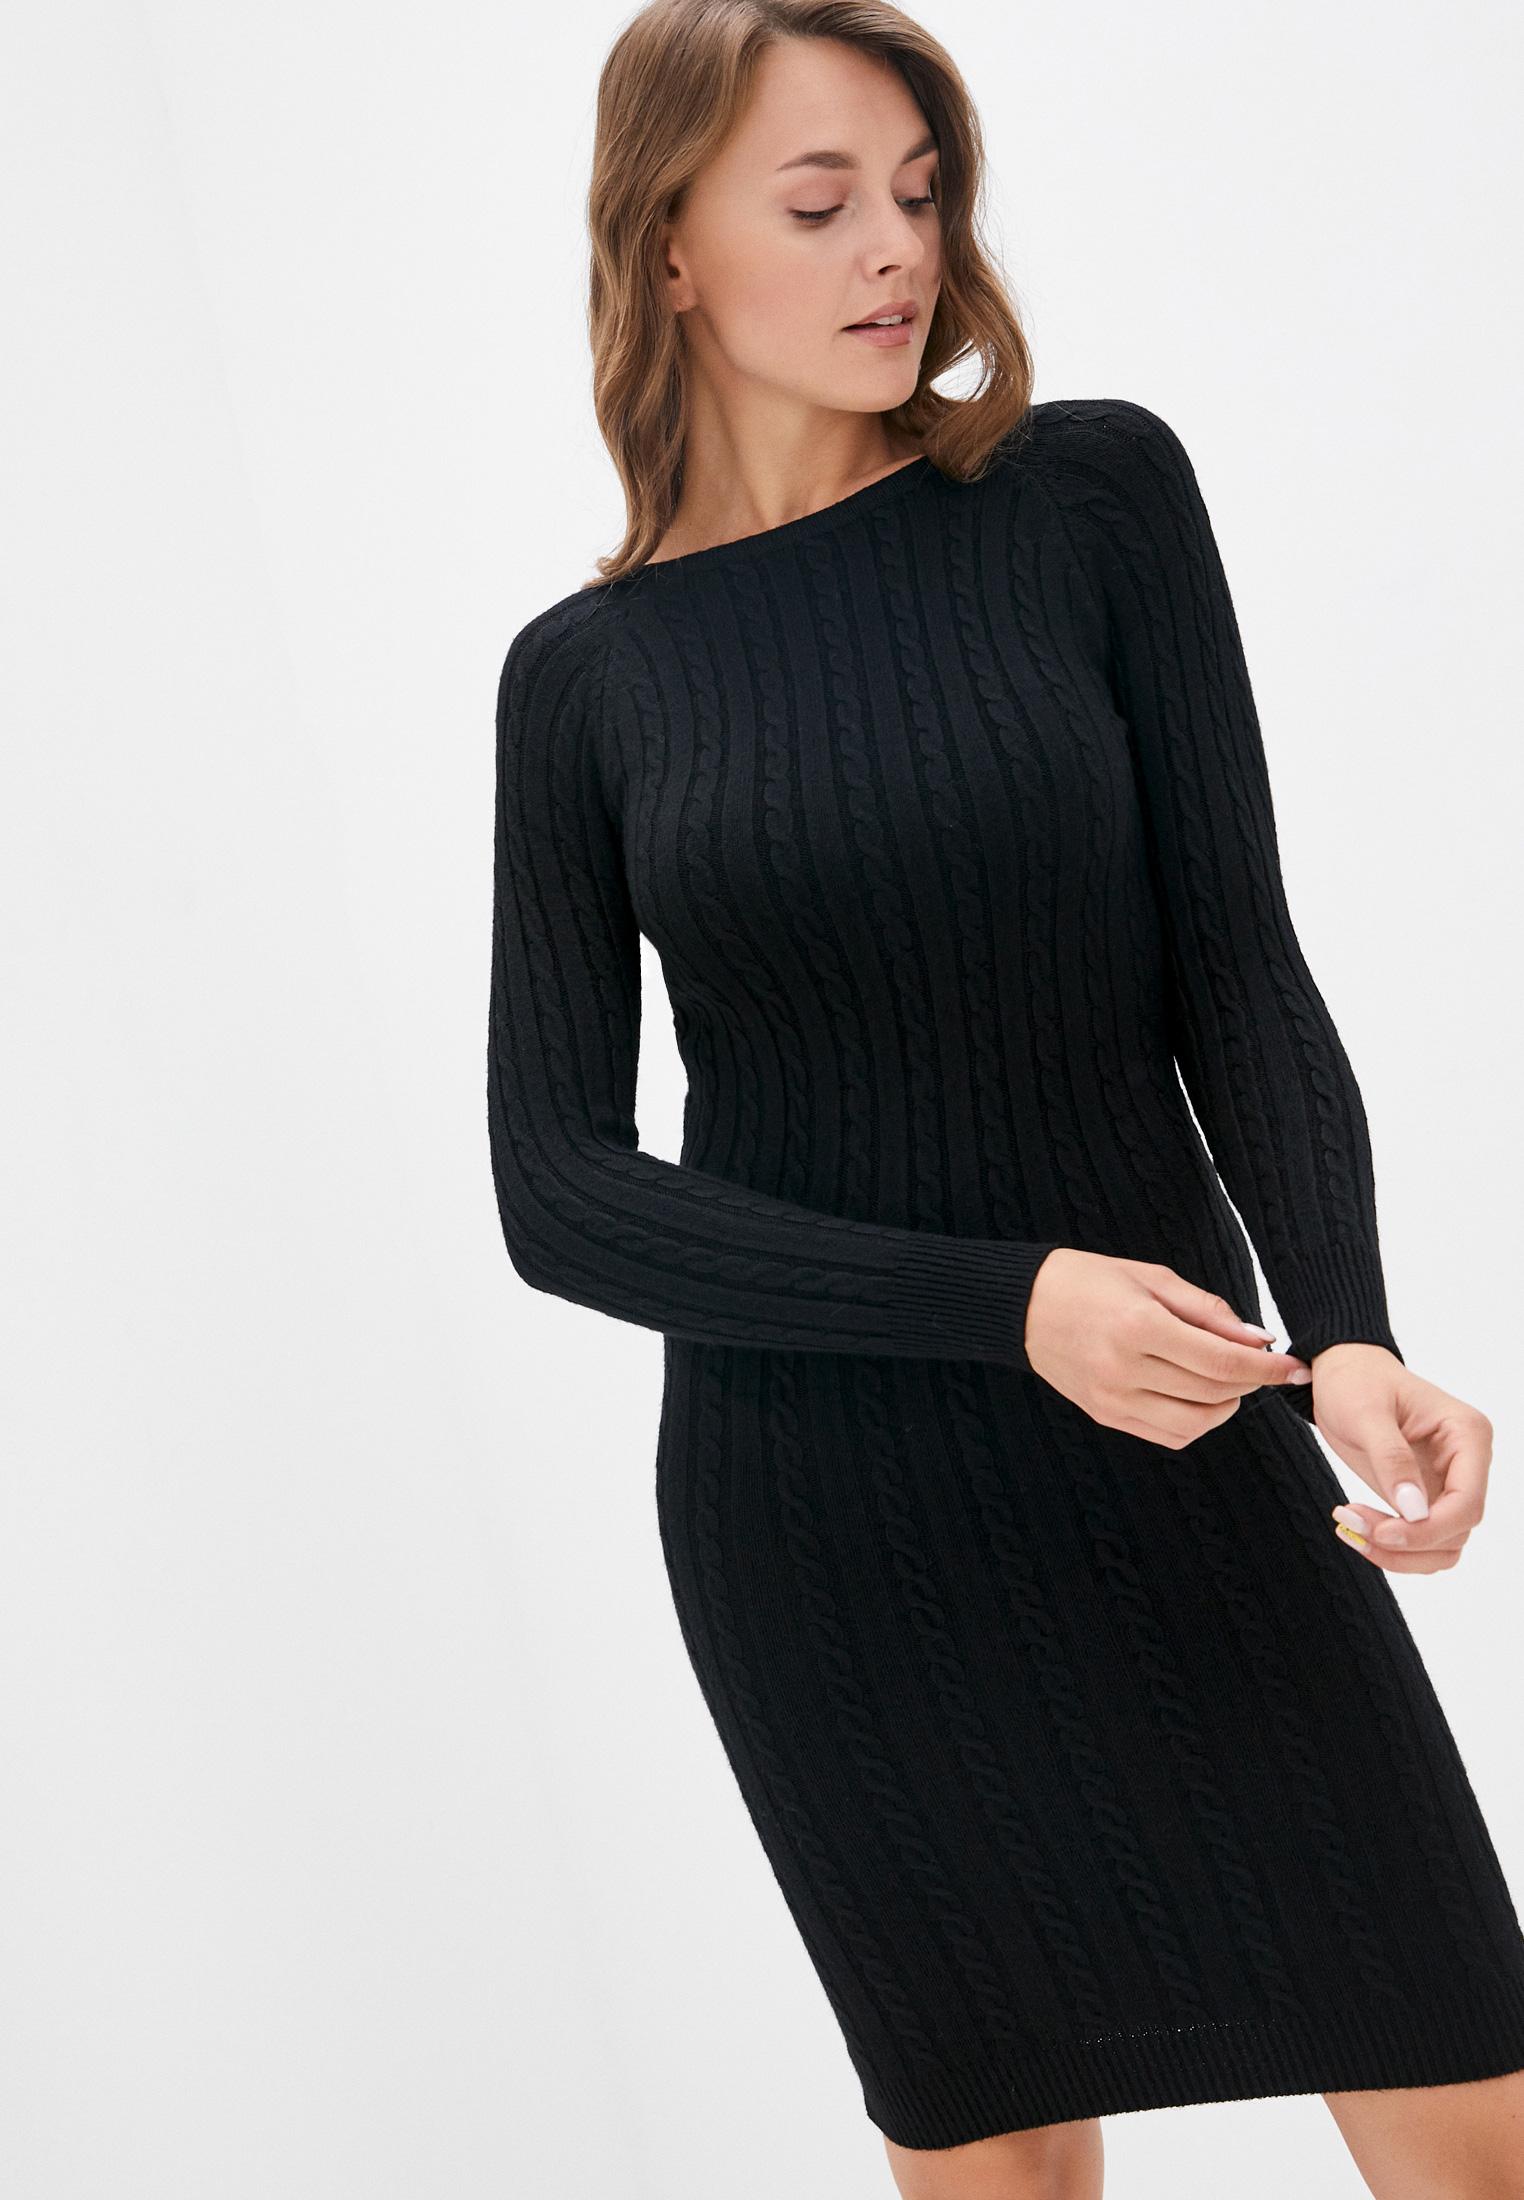 Вязаное платье Marselesa MAR2122-31-3